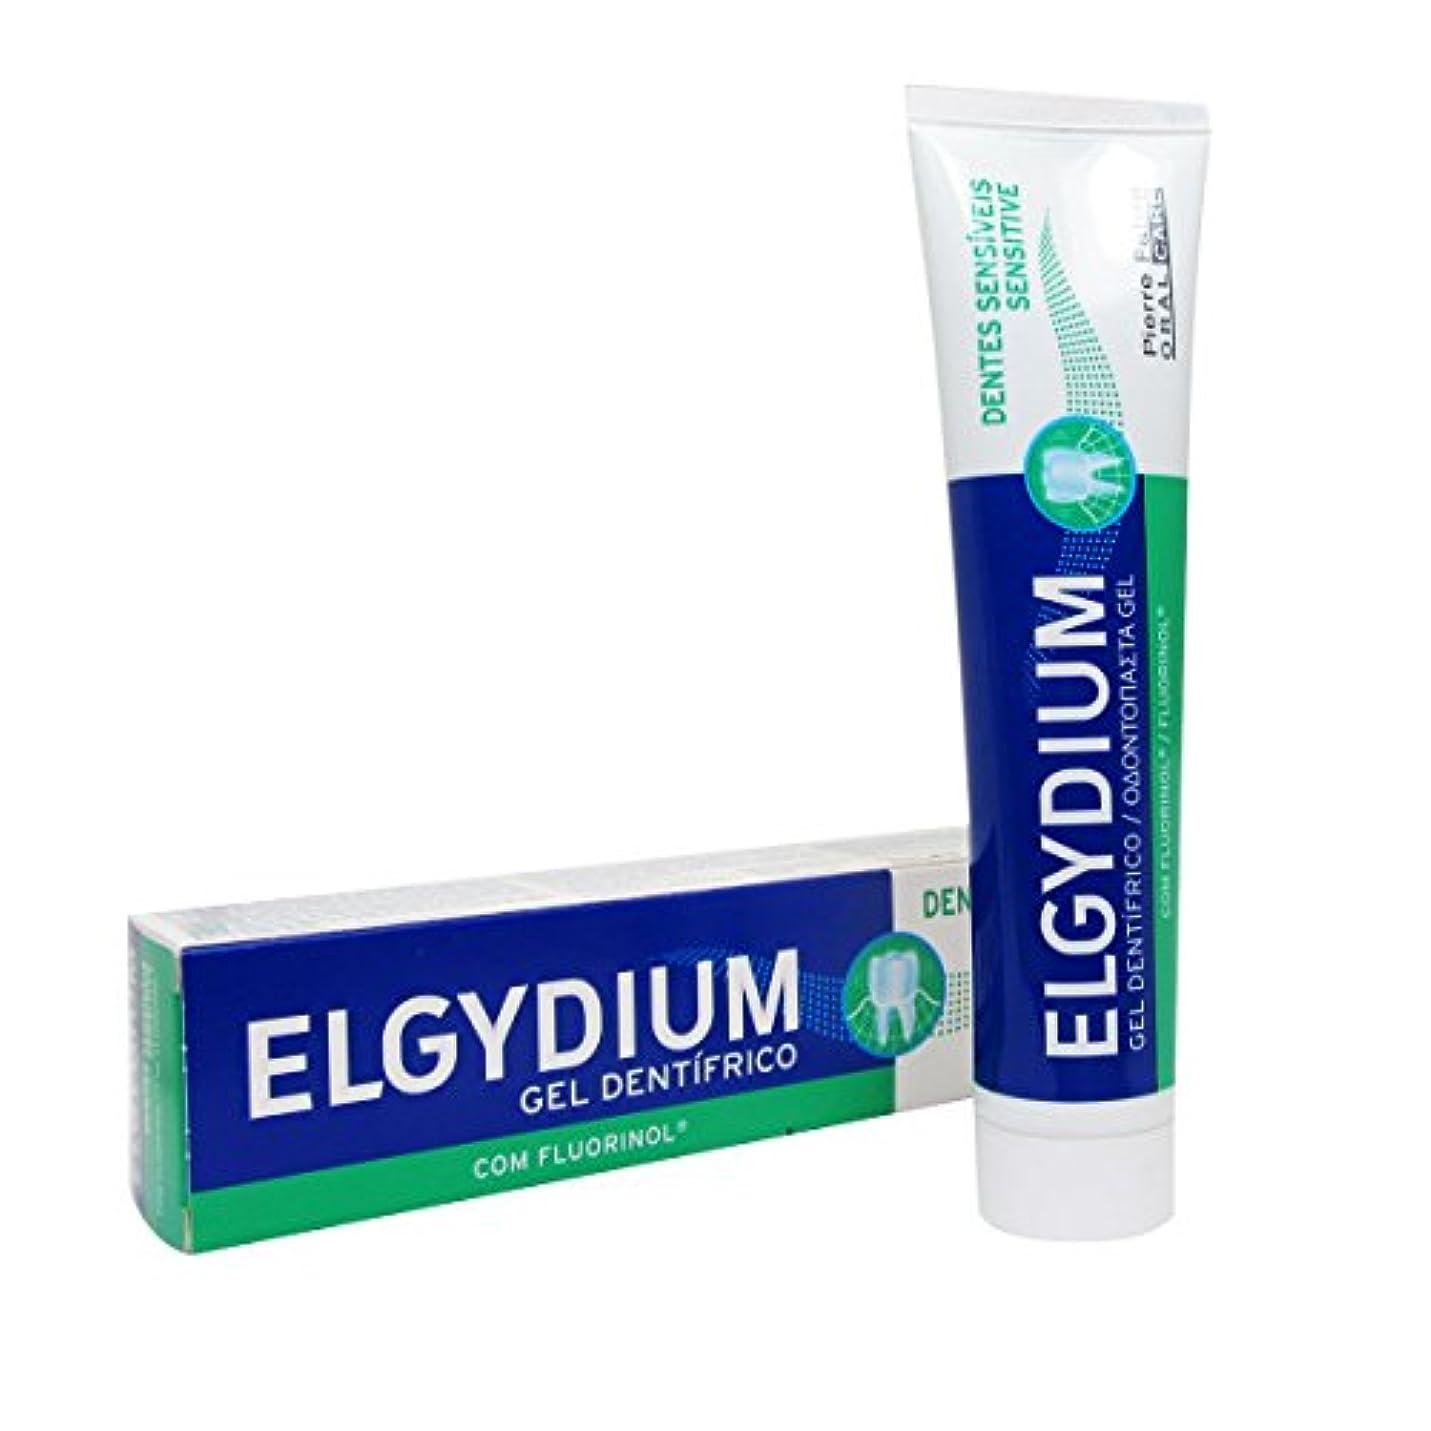 落ち着く研究スクラップElgydium Sensitive Teeth Toothpaste Gel 75ml [並行輸入品]